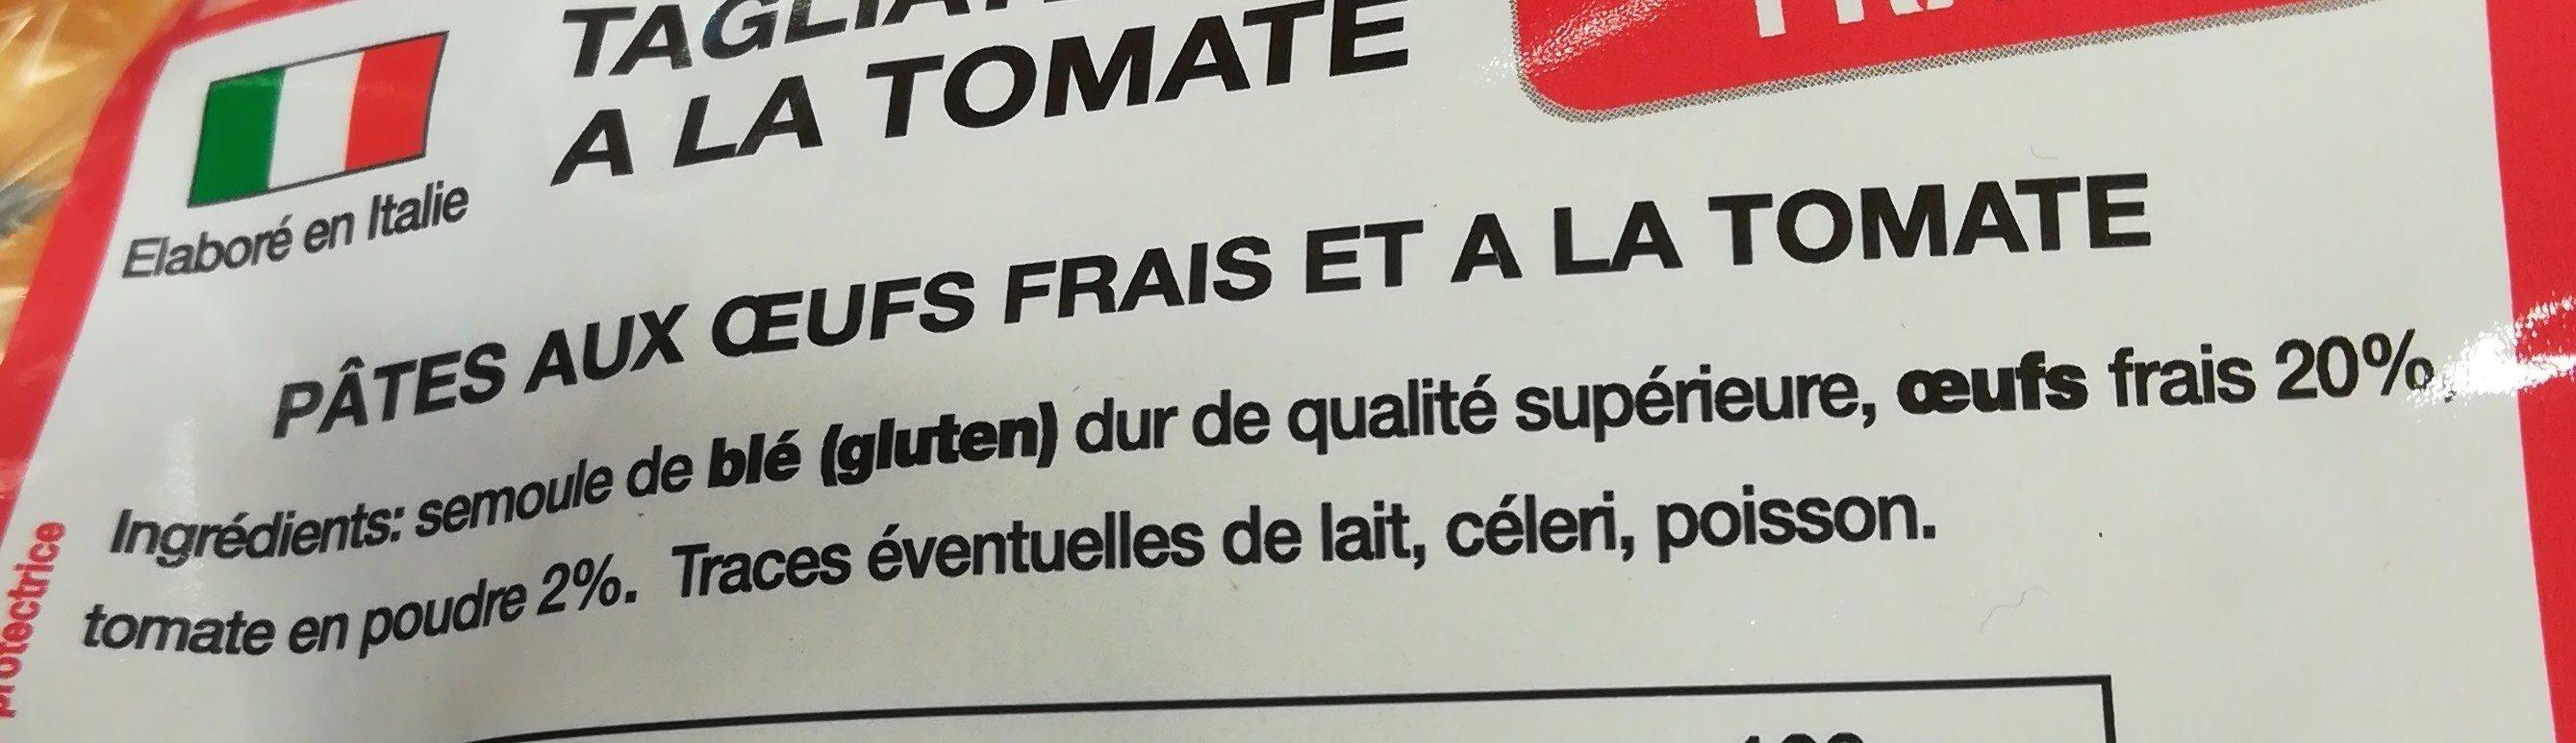 Tagliatelles tomates - Ingrédients - fr